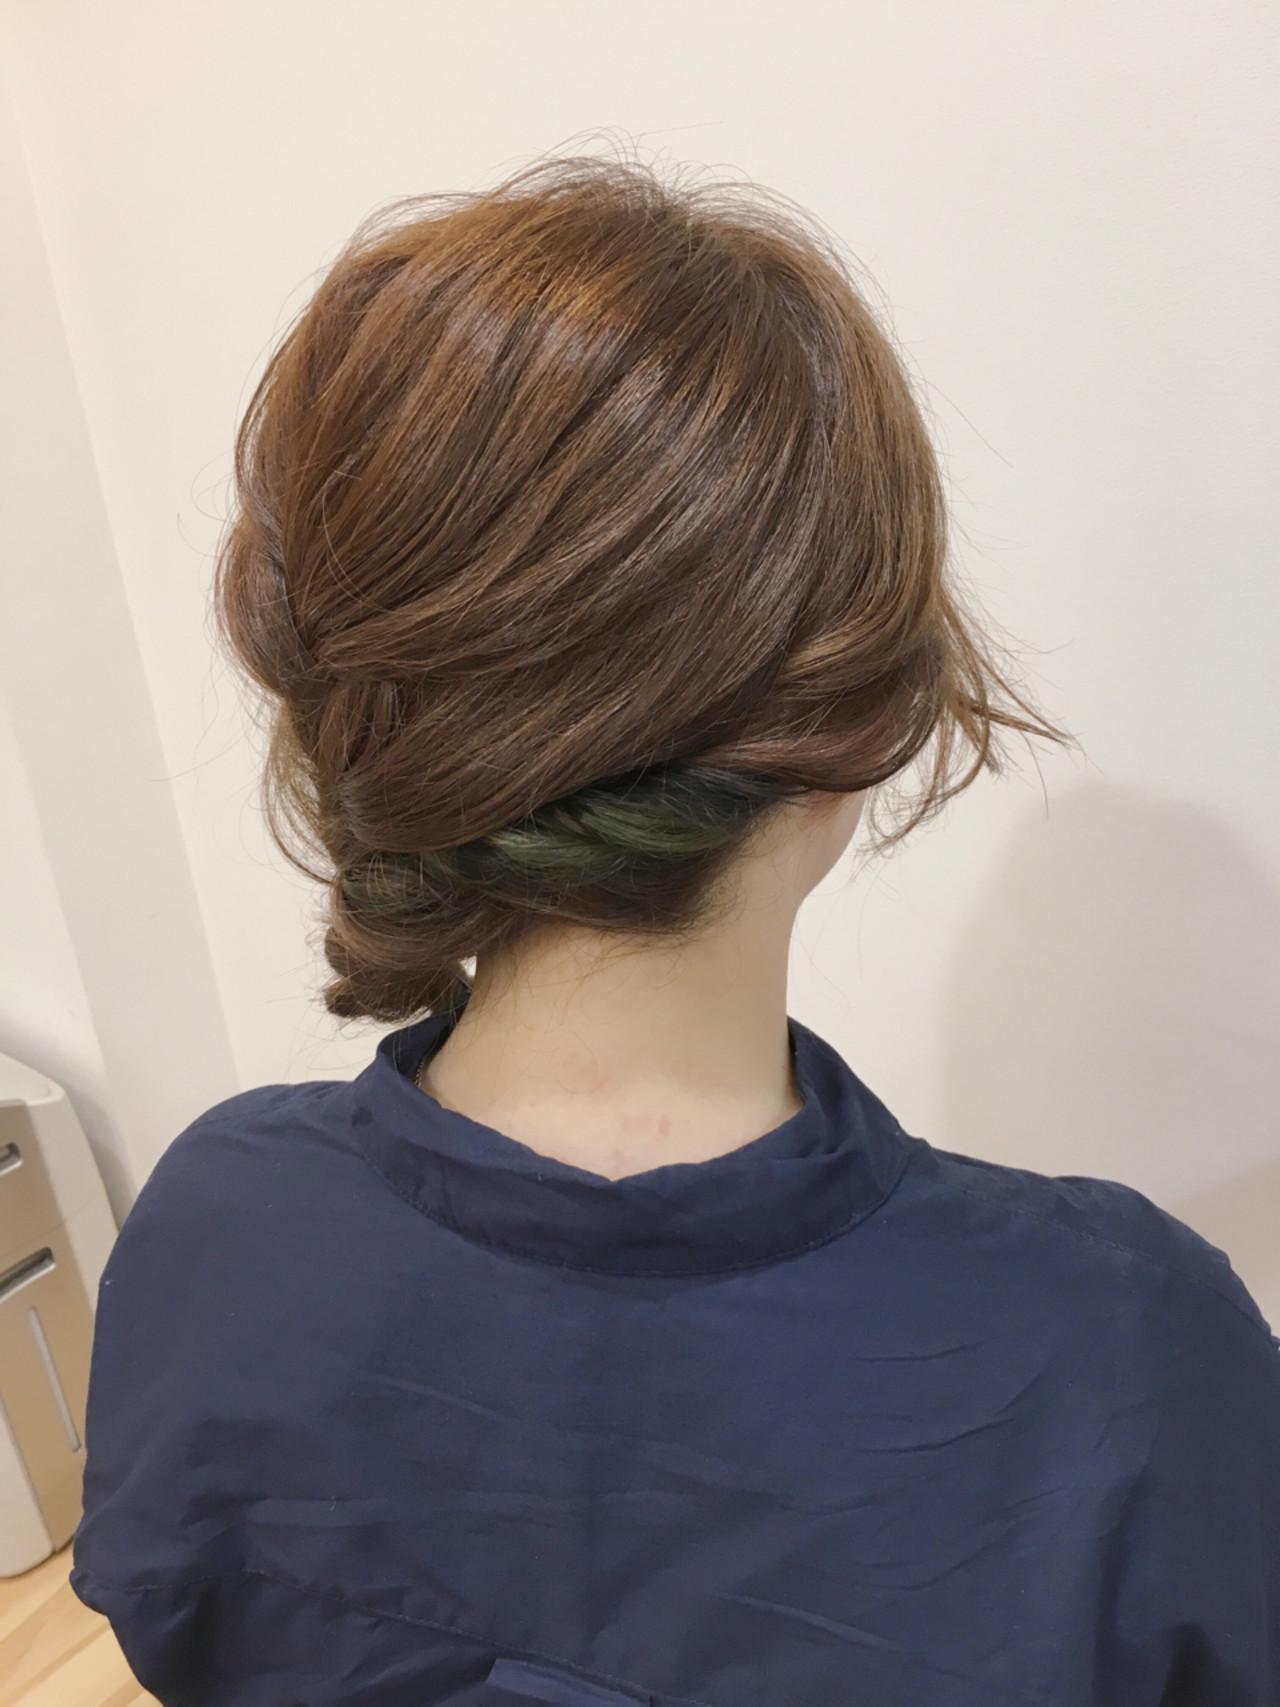 簡単ヘアアレンジ ショート 三つ編み ヘアアレンジ ヘアスタイルや髪型の写真・画像 | kirico/DADA / DADA